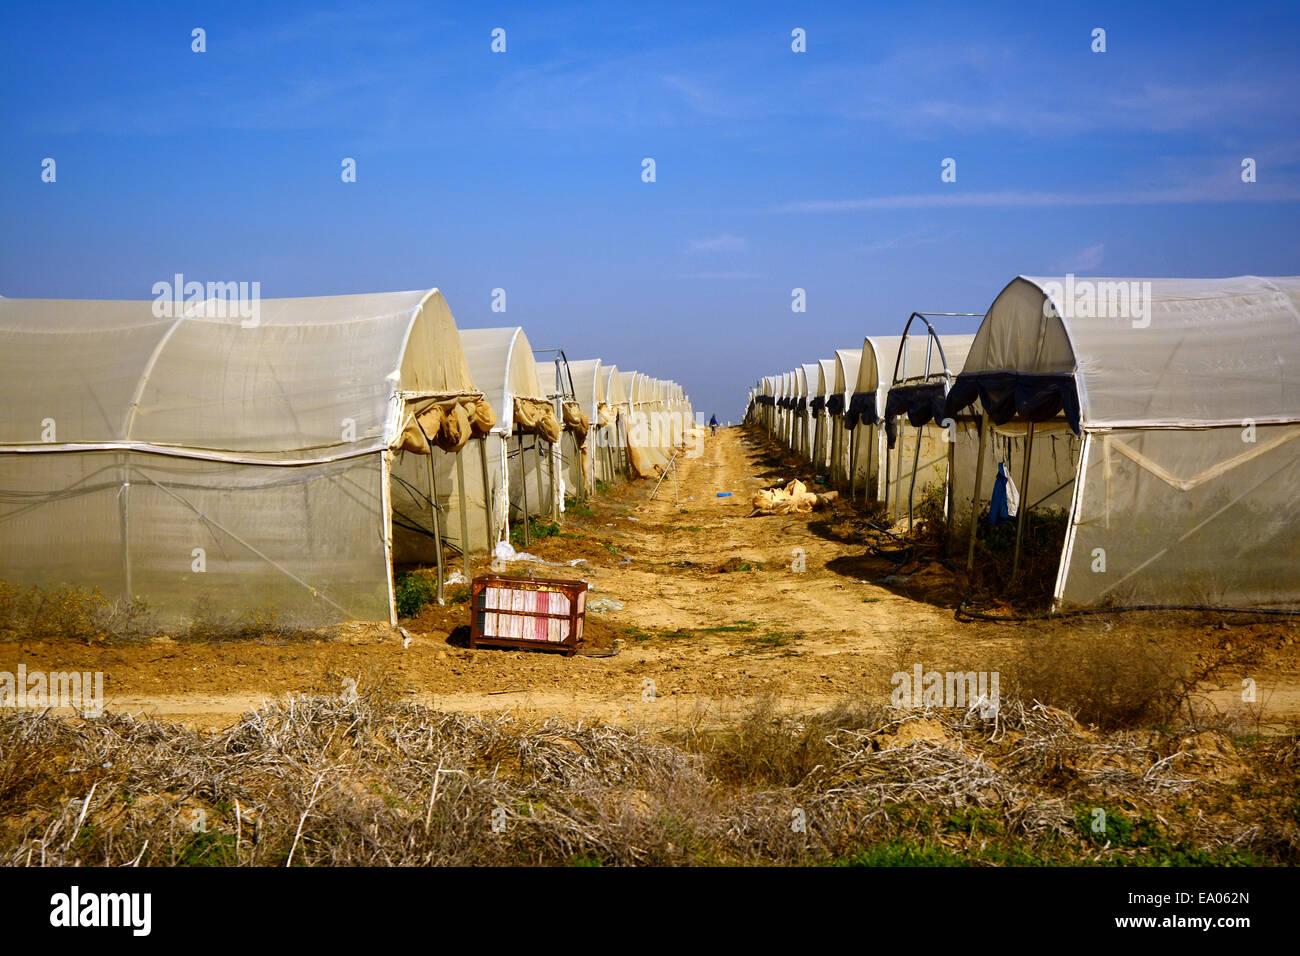 Agricoltura nel Neghev, Israele Immagini Stock